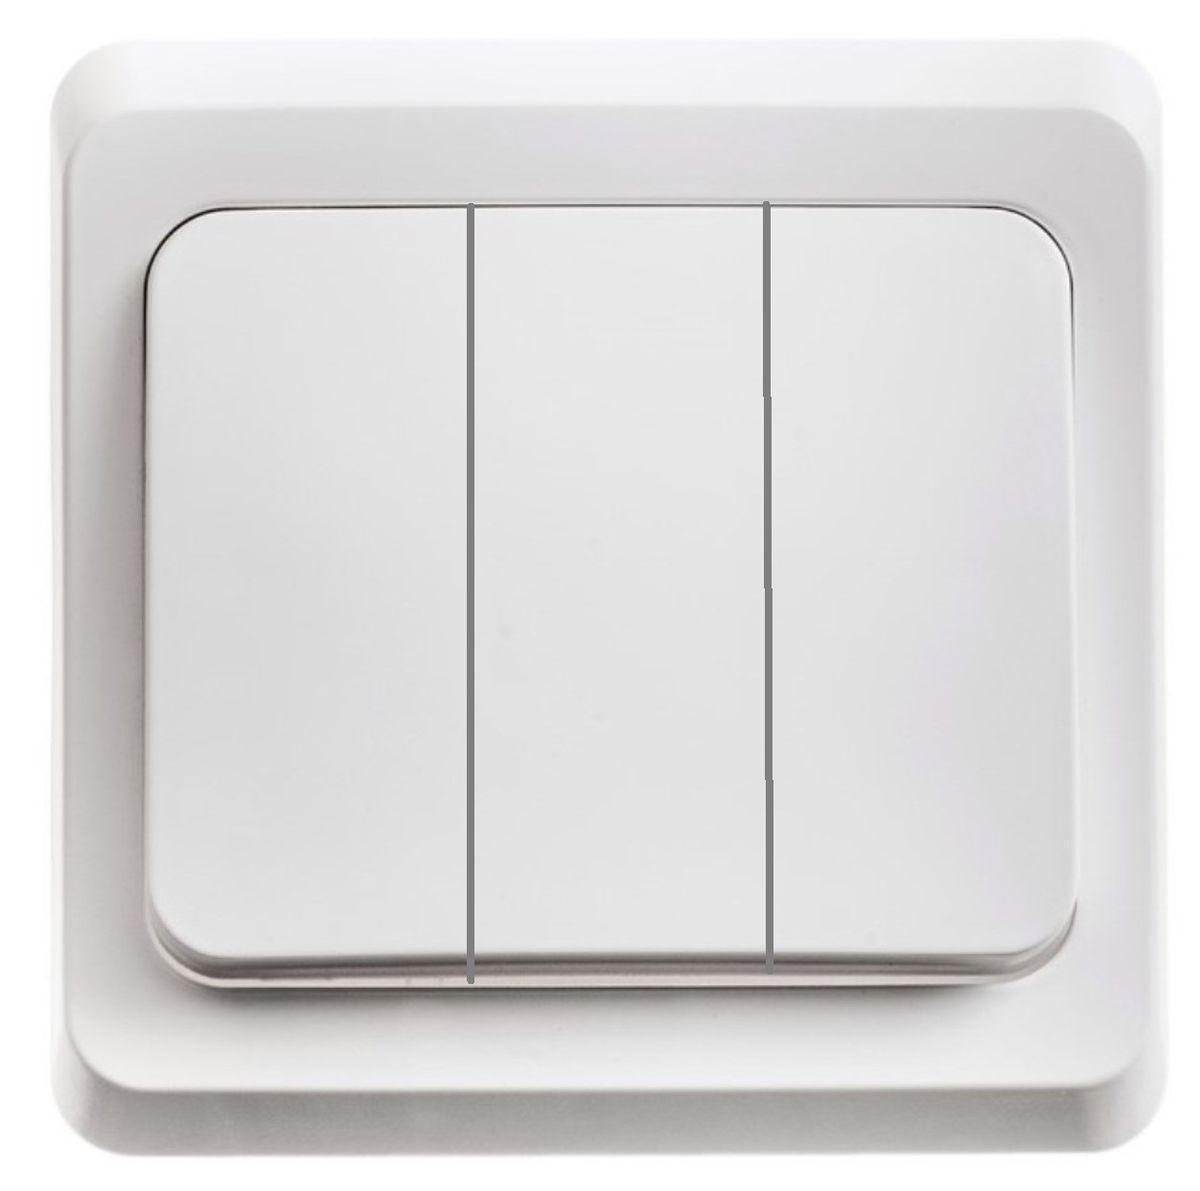 Выключатель Schneider Electric Этюд, тройной, цвет: белый. BC10-003BC10-003BТрехклавишный выключатель Schneider Electric Этюд предназначен для скрытой установки. Выполнен из высококачественного пластика. Изделие просто в установке, надежно в эксплуатации. Специальное покрытие не позволяет пыли собираться на поверхности. Такой выключатель станет удачным решением для дома и дачи. Функция выключателя: двухканальный. Тип контактов: 2 Н.О. Диапазон мощности: Номинальный ток: 250 В. Тип клемм: винтовые зажимы 2,5 мм2. Длина зачистки проводов: 11 мм. Степень защиты: IP20.